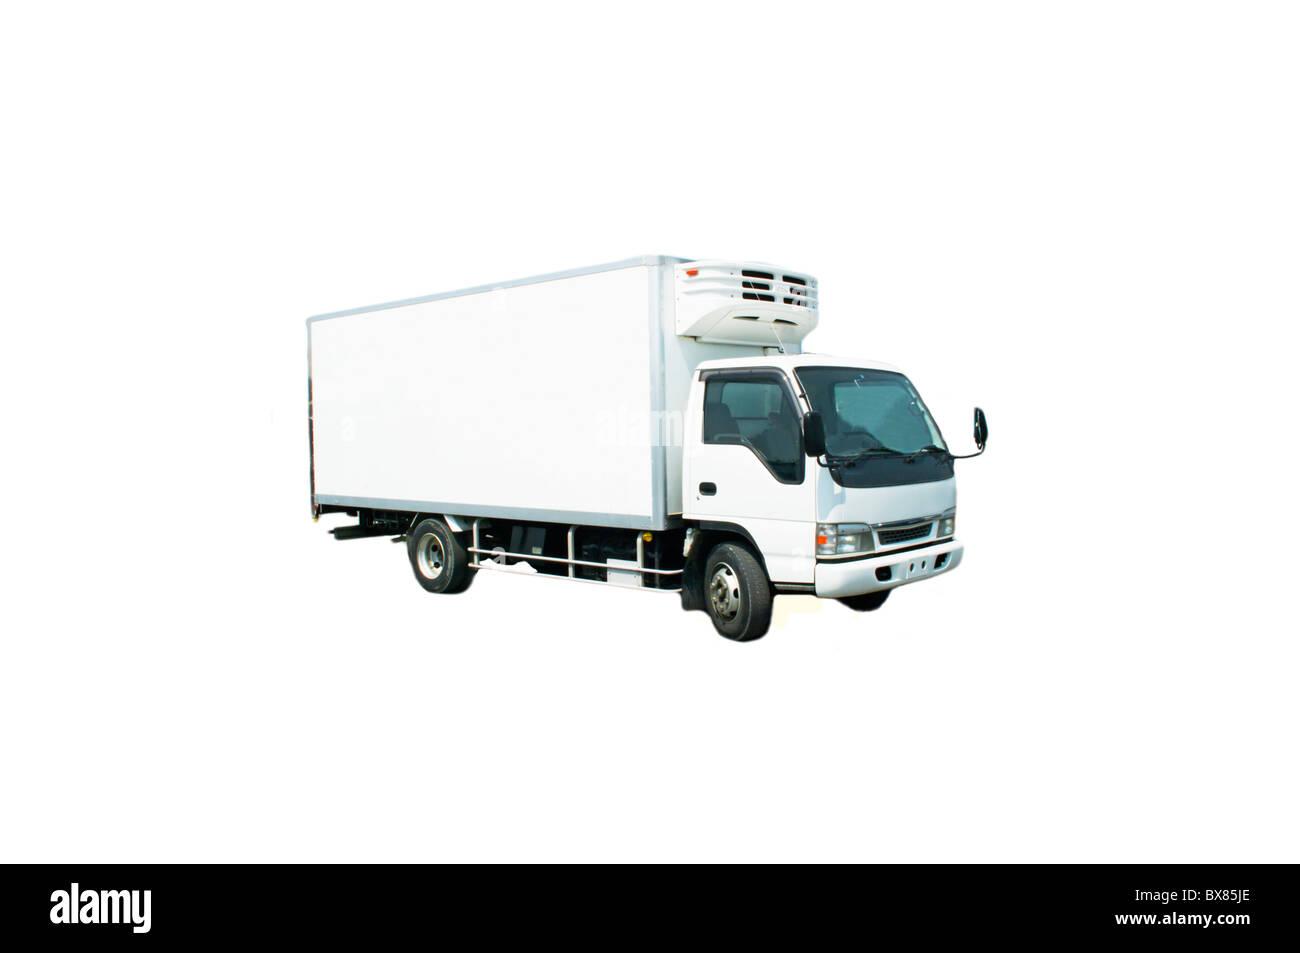 Kühlschrank Transport Auto : Auto kühlschrank für den transport von gefrorenen produktion